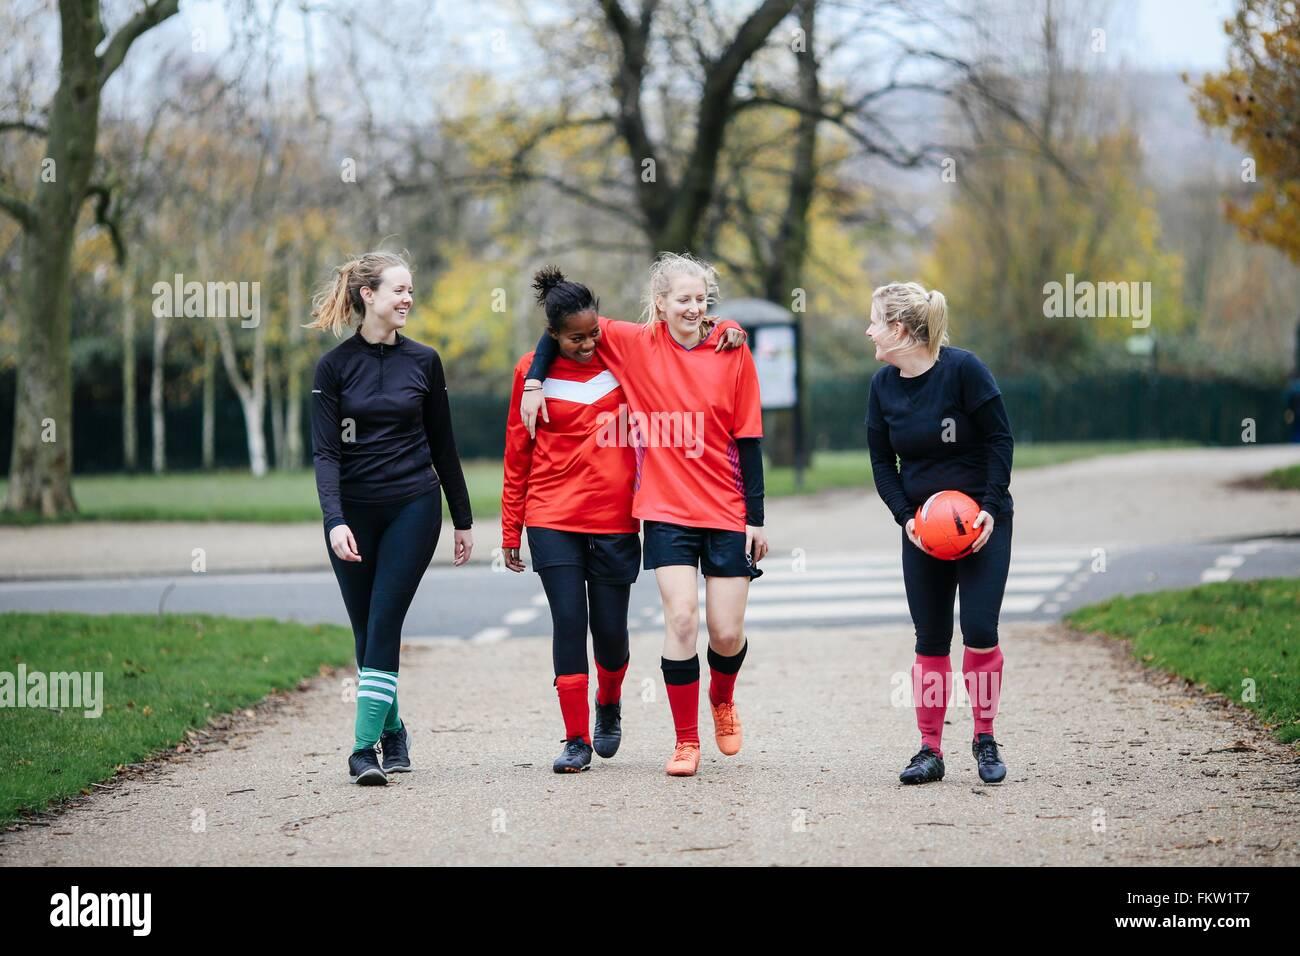 Weibliche Fußball-Spieler auf dem Weg im Park Fußball spielen Stockbild